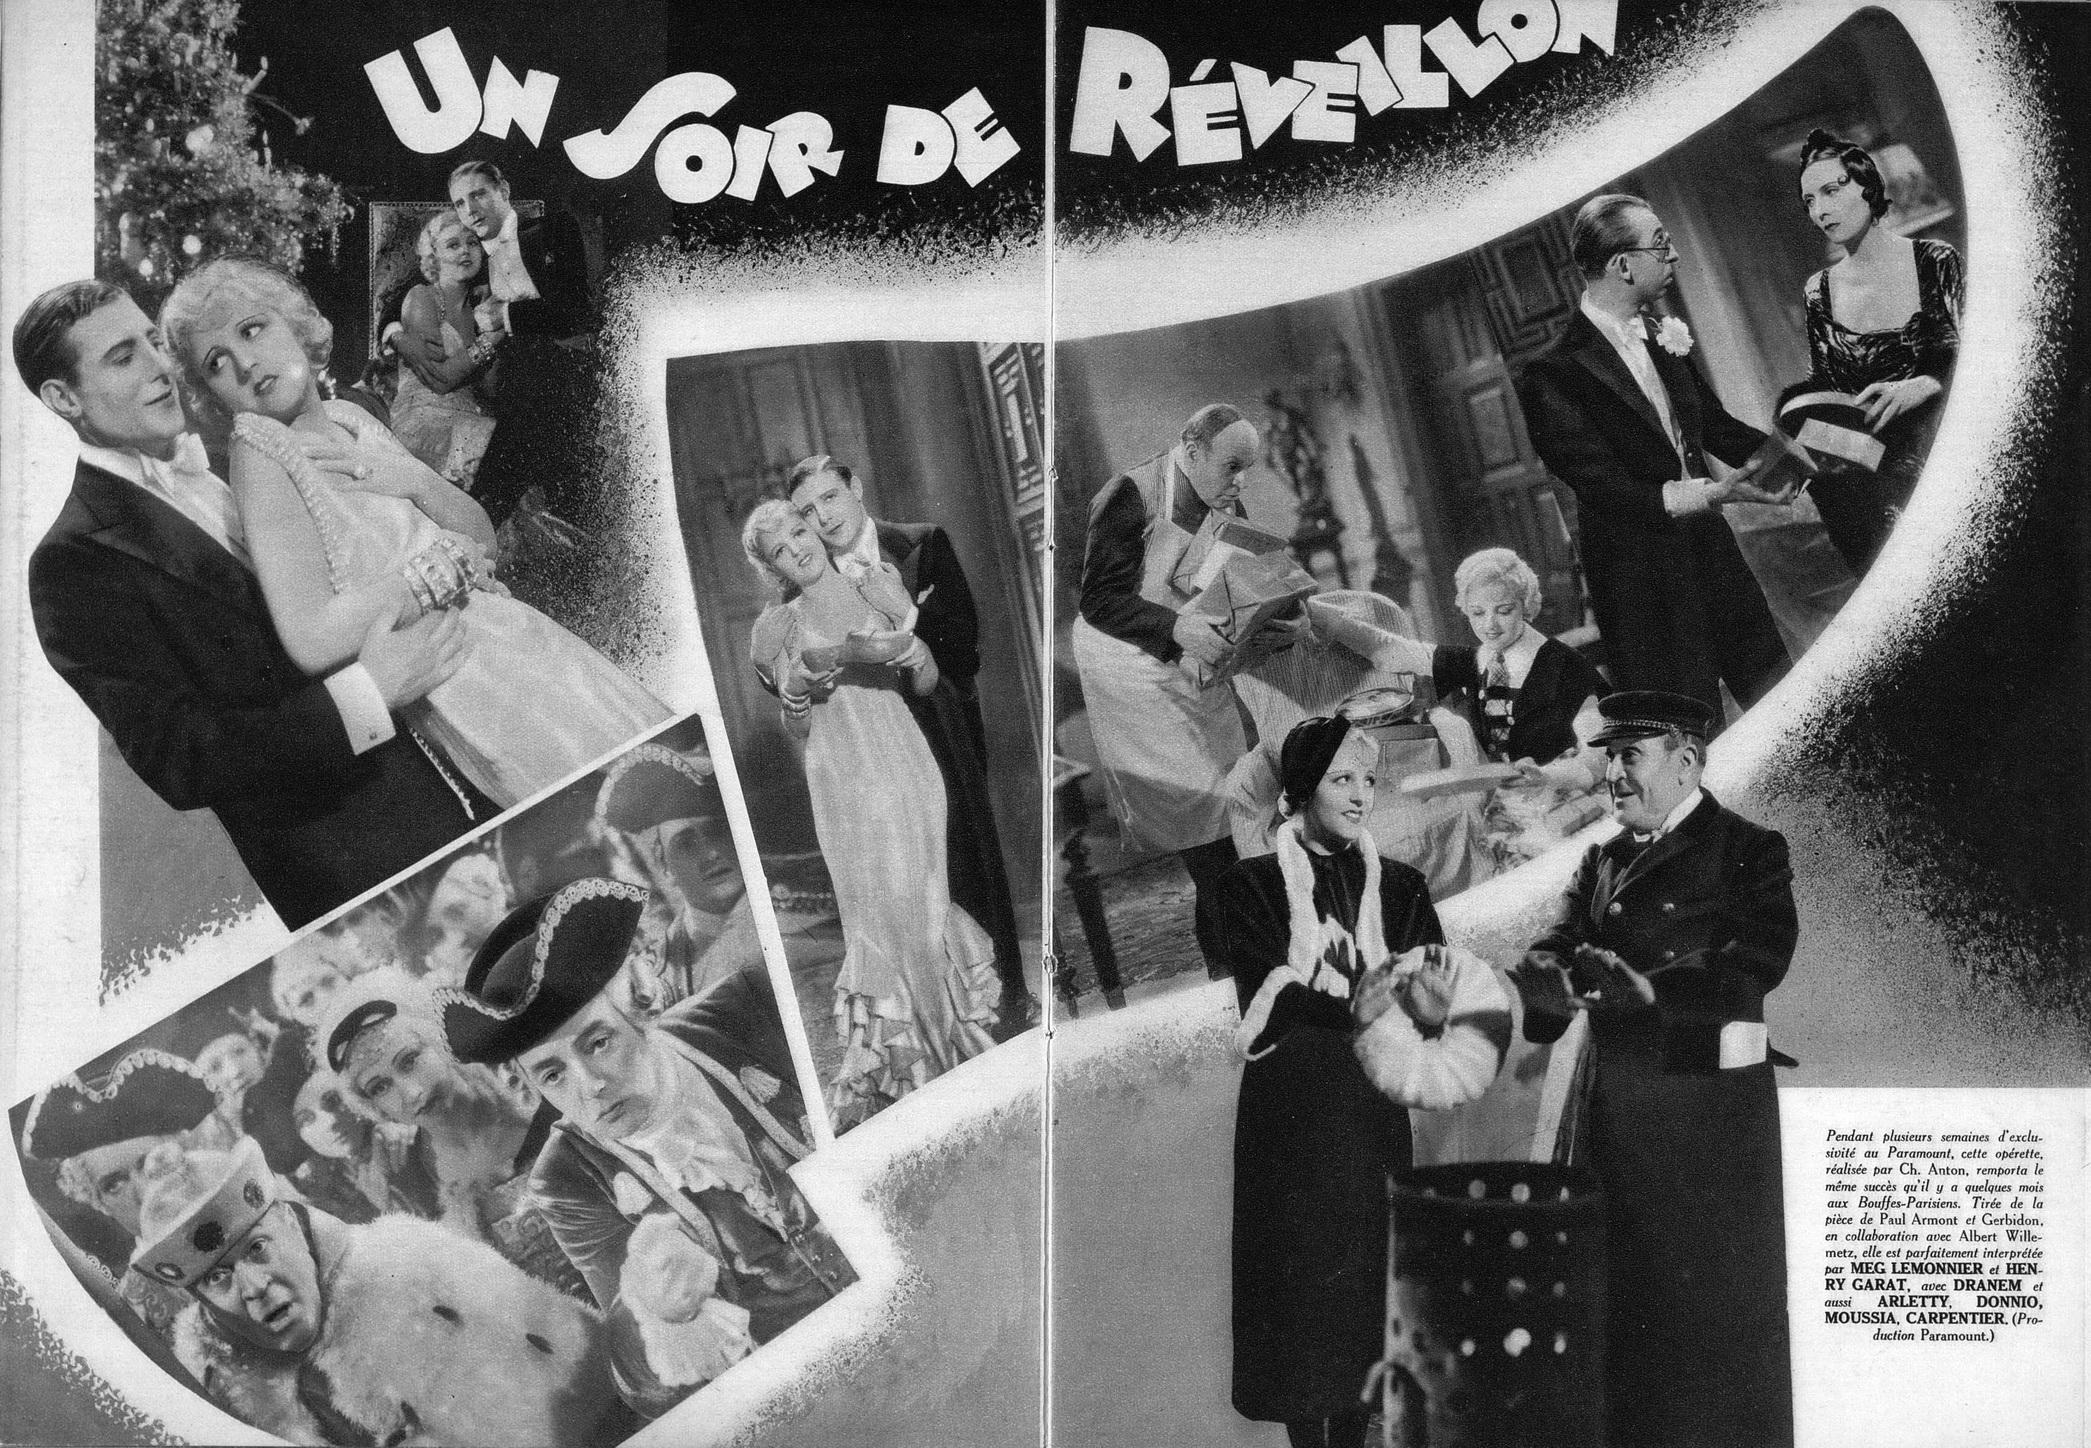 """Szenen aus der Filmversion von """"Un soir de réveillon."""" (Photo: Ciné Magazine, 1933)"""